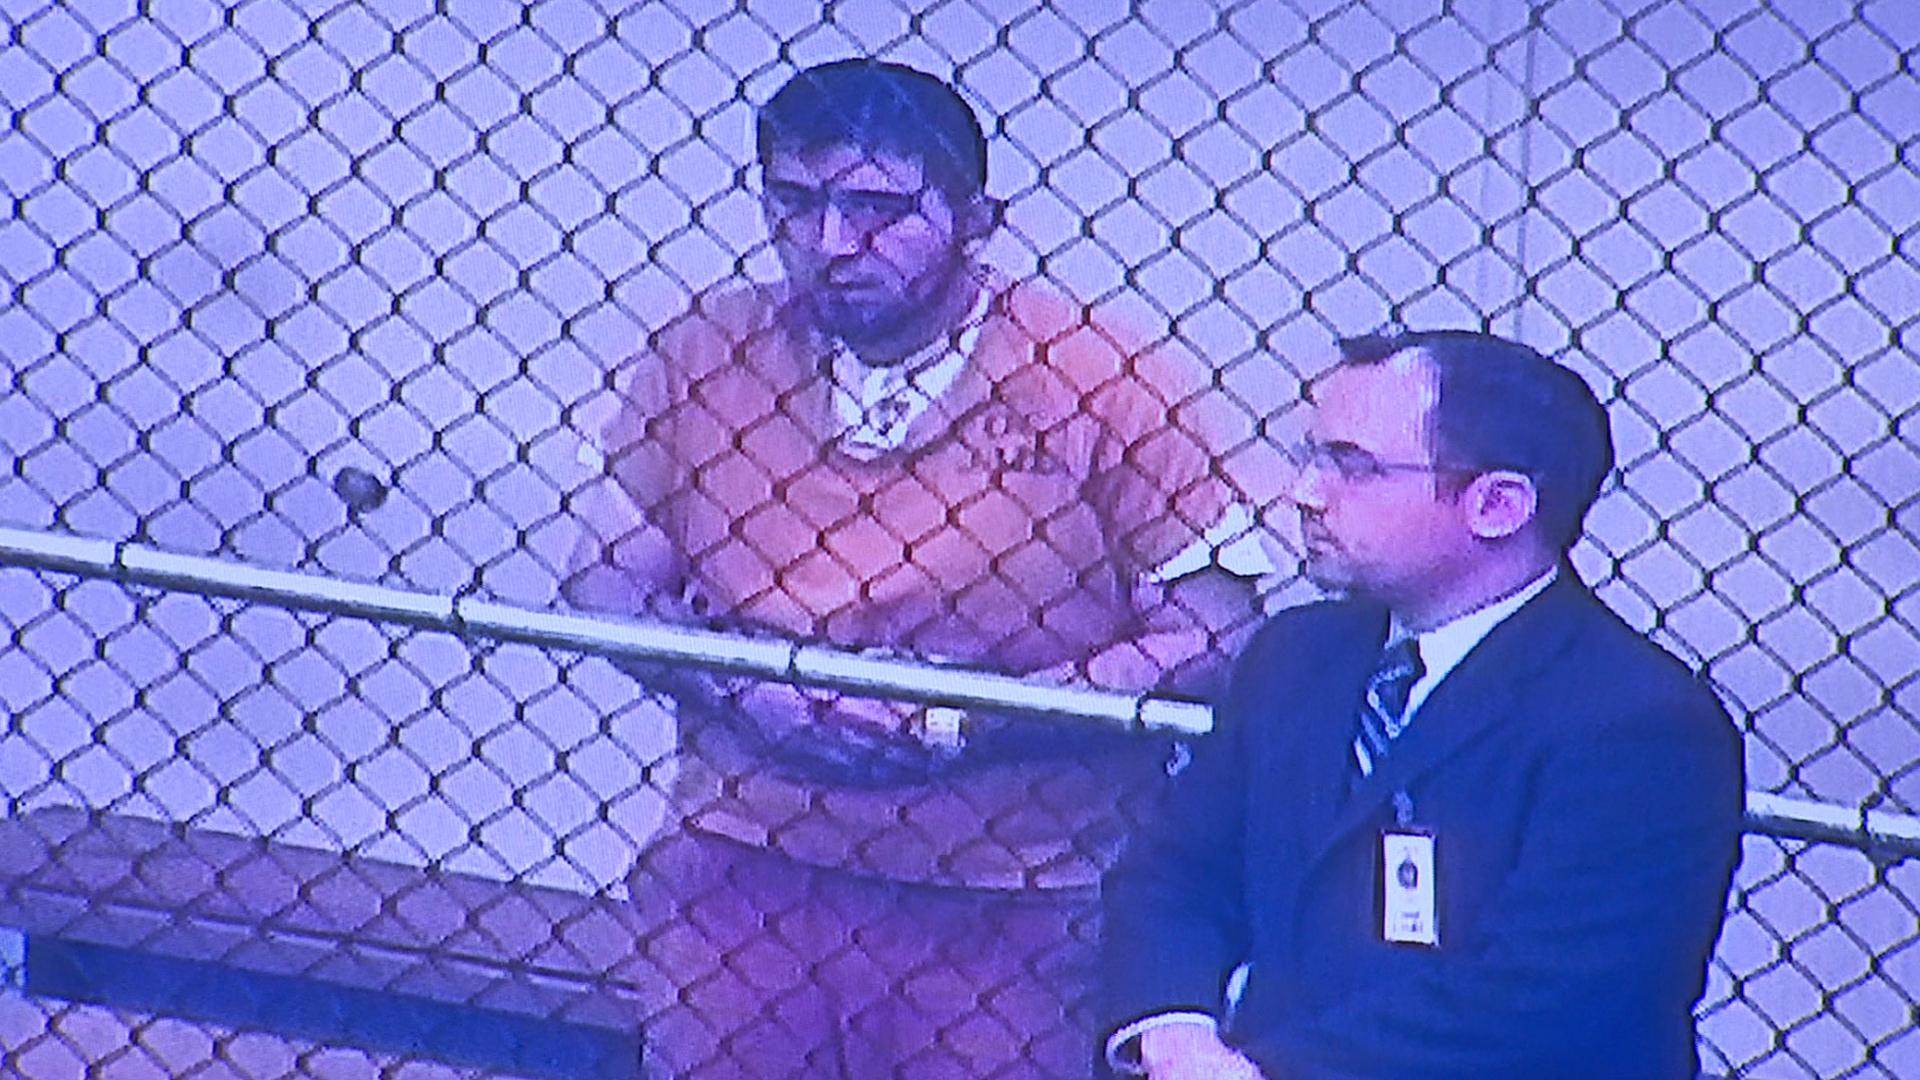 Homicide suspect Amer Alhasan appears in court in Santa Ana on Nov. 2, 2018. (Credit: KTLA)